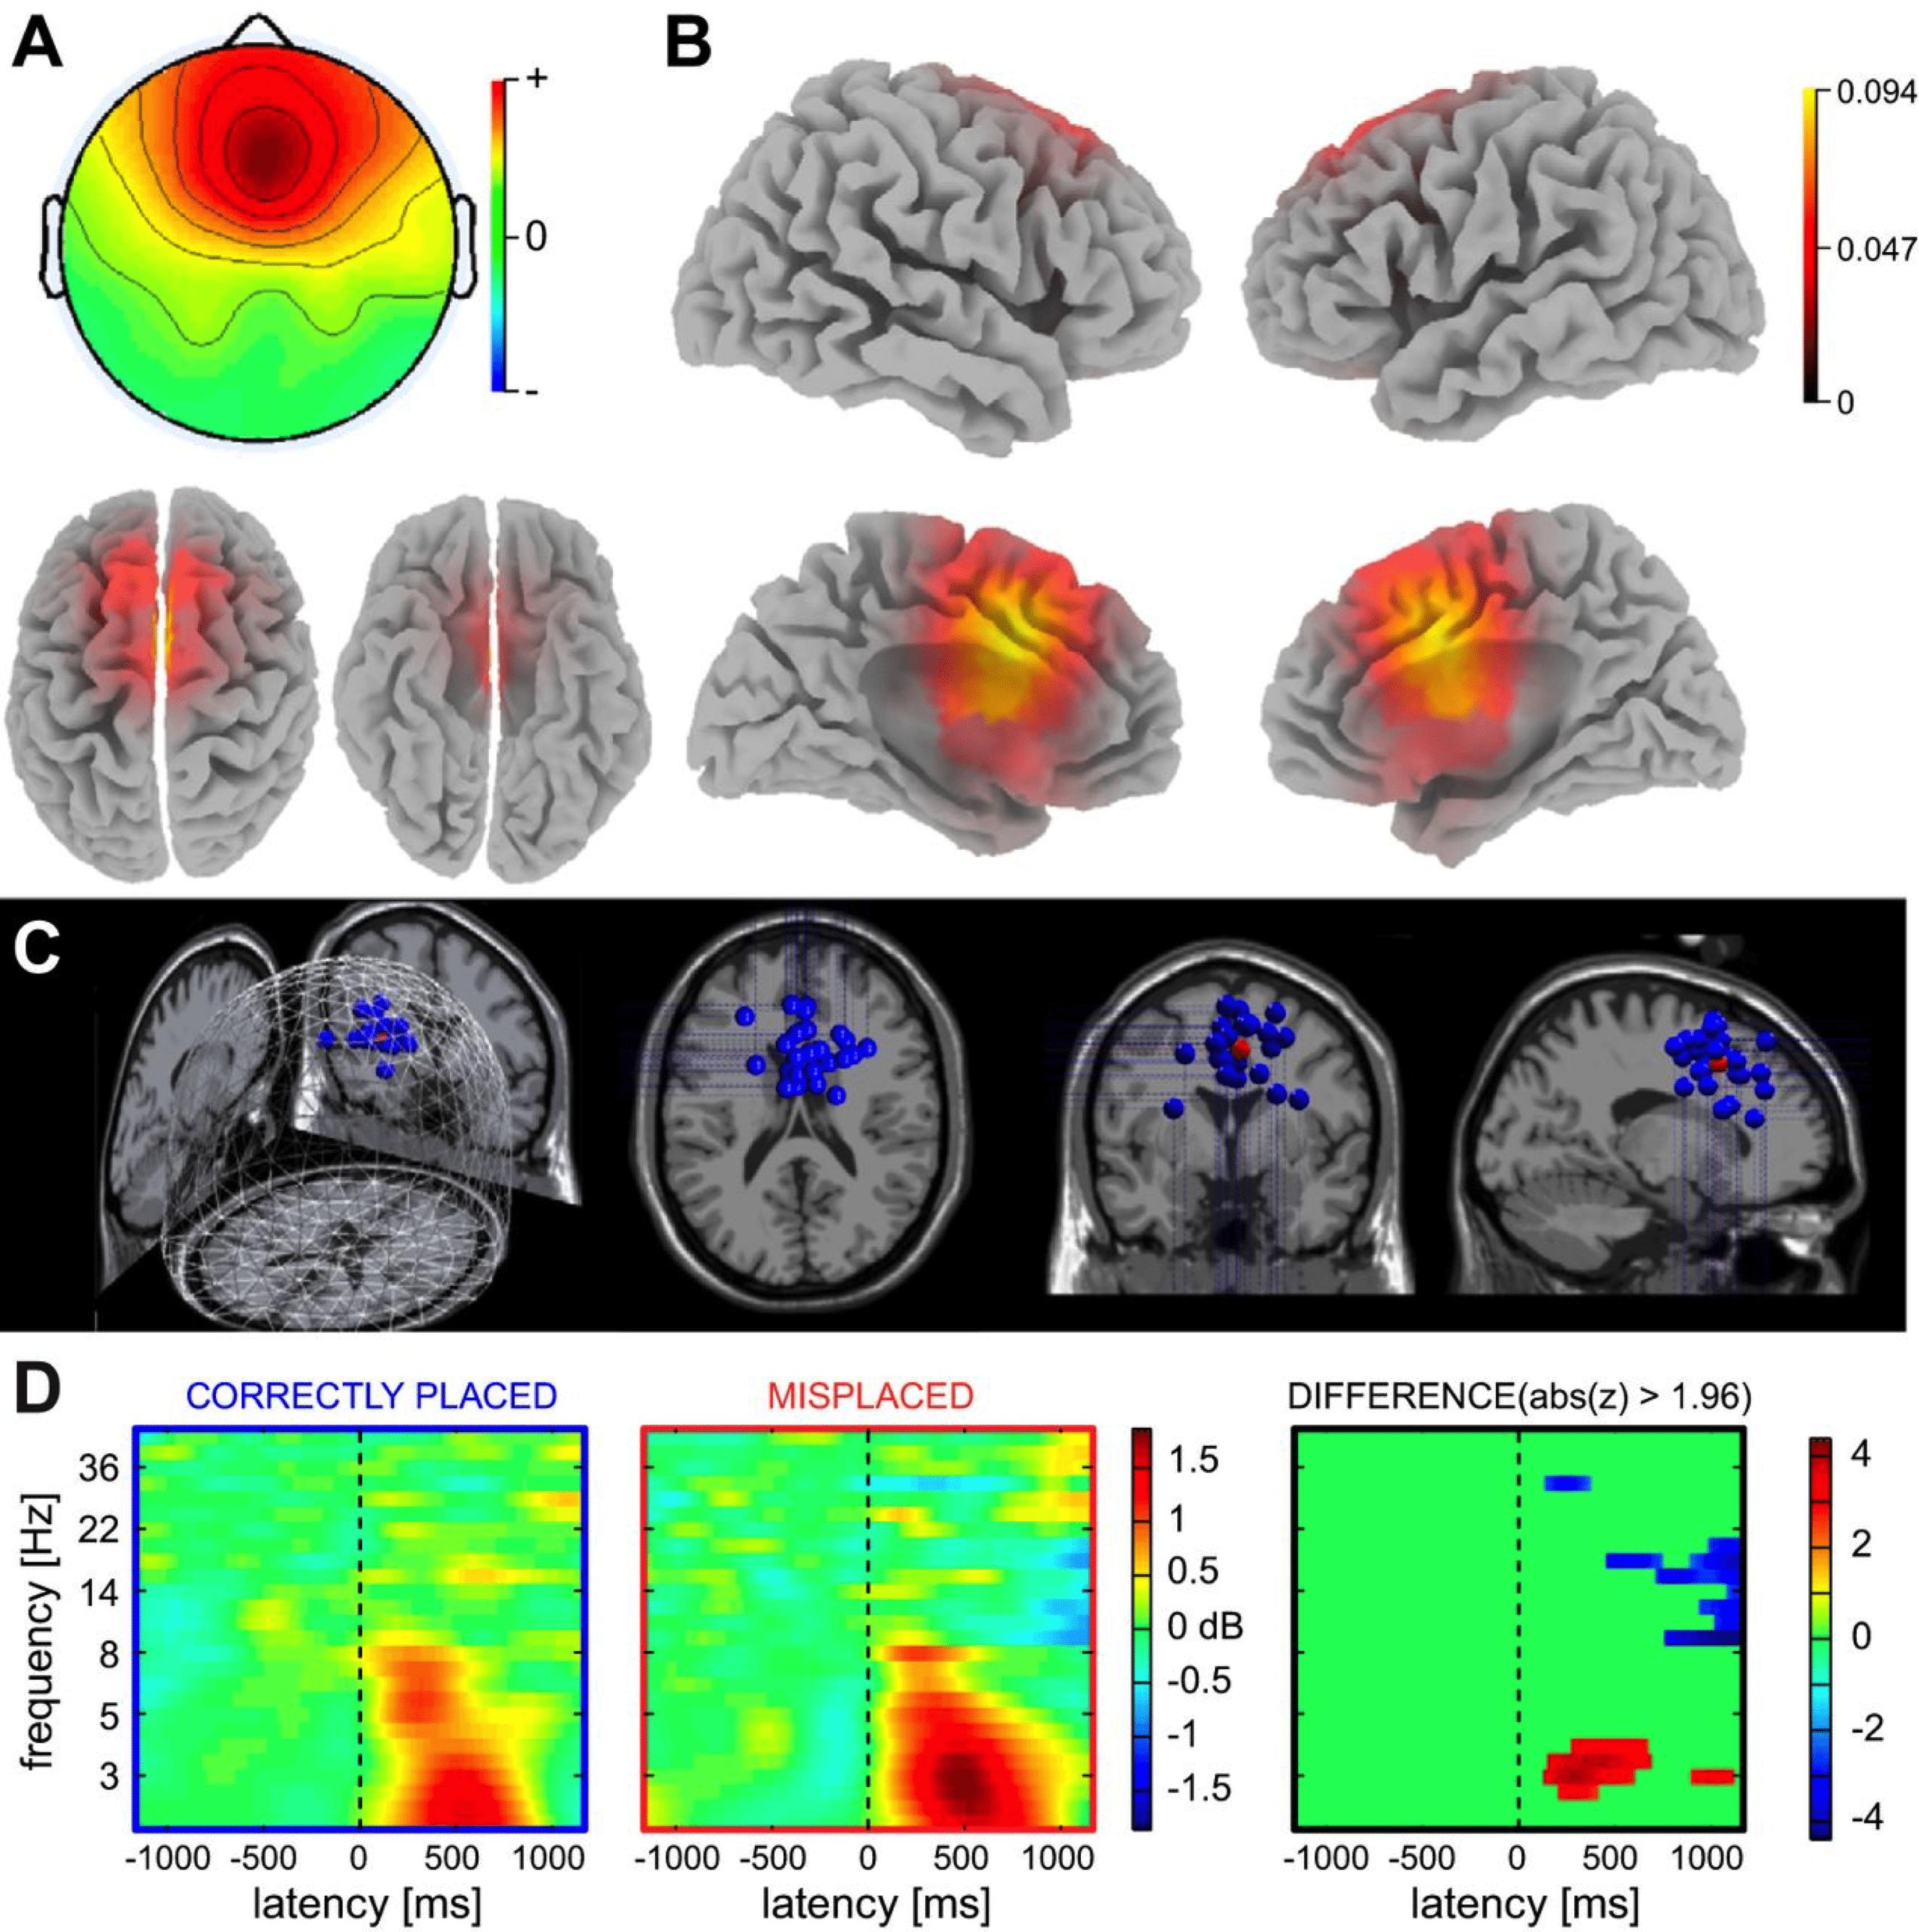 EEG visuals